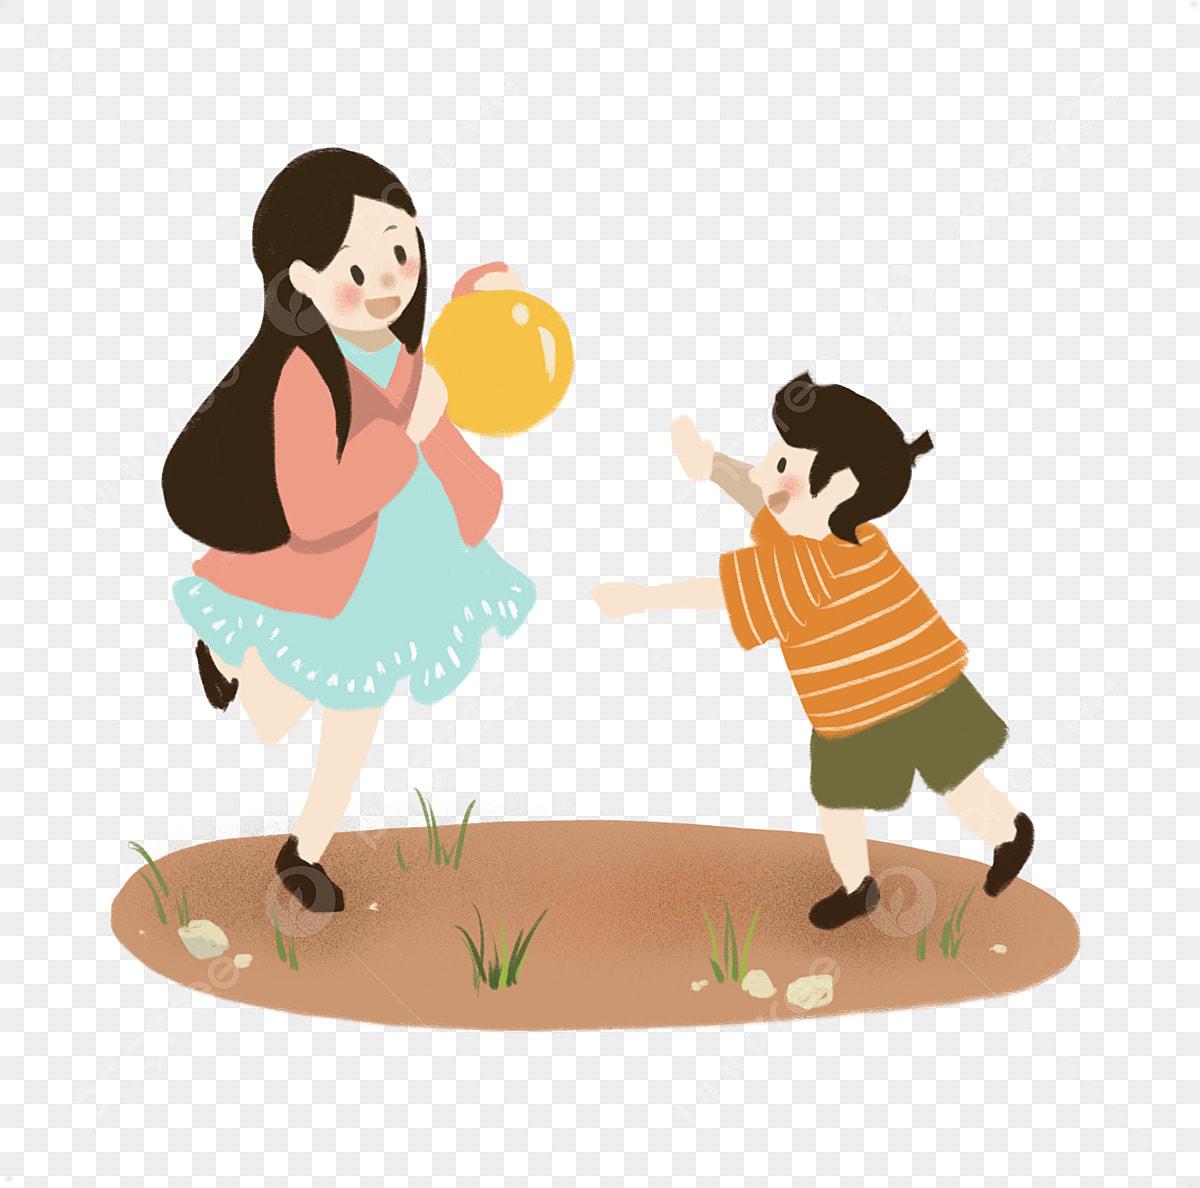 Gambar Kartun Kartun Comel Rumput Kartun Ibu Bapa Kartun Rumput Aktiviti Rumput Kartun Png Dan Psd Untuk Muat Turun Percuma